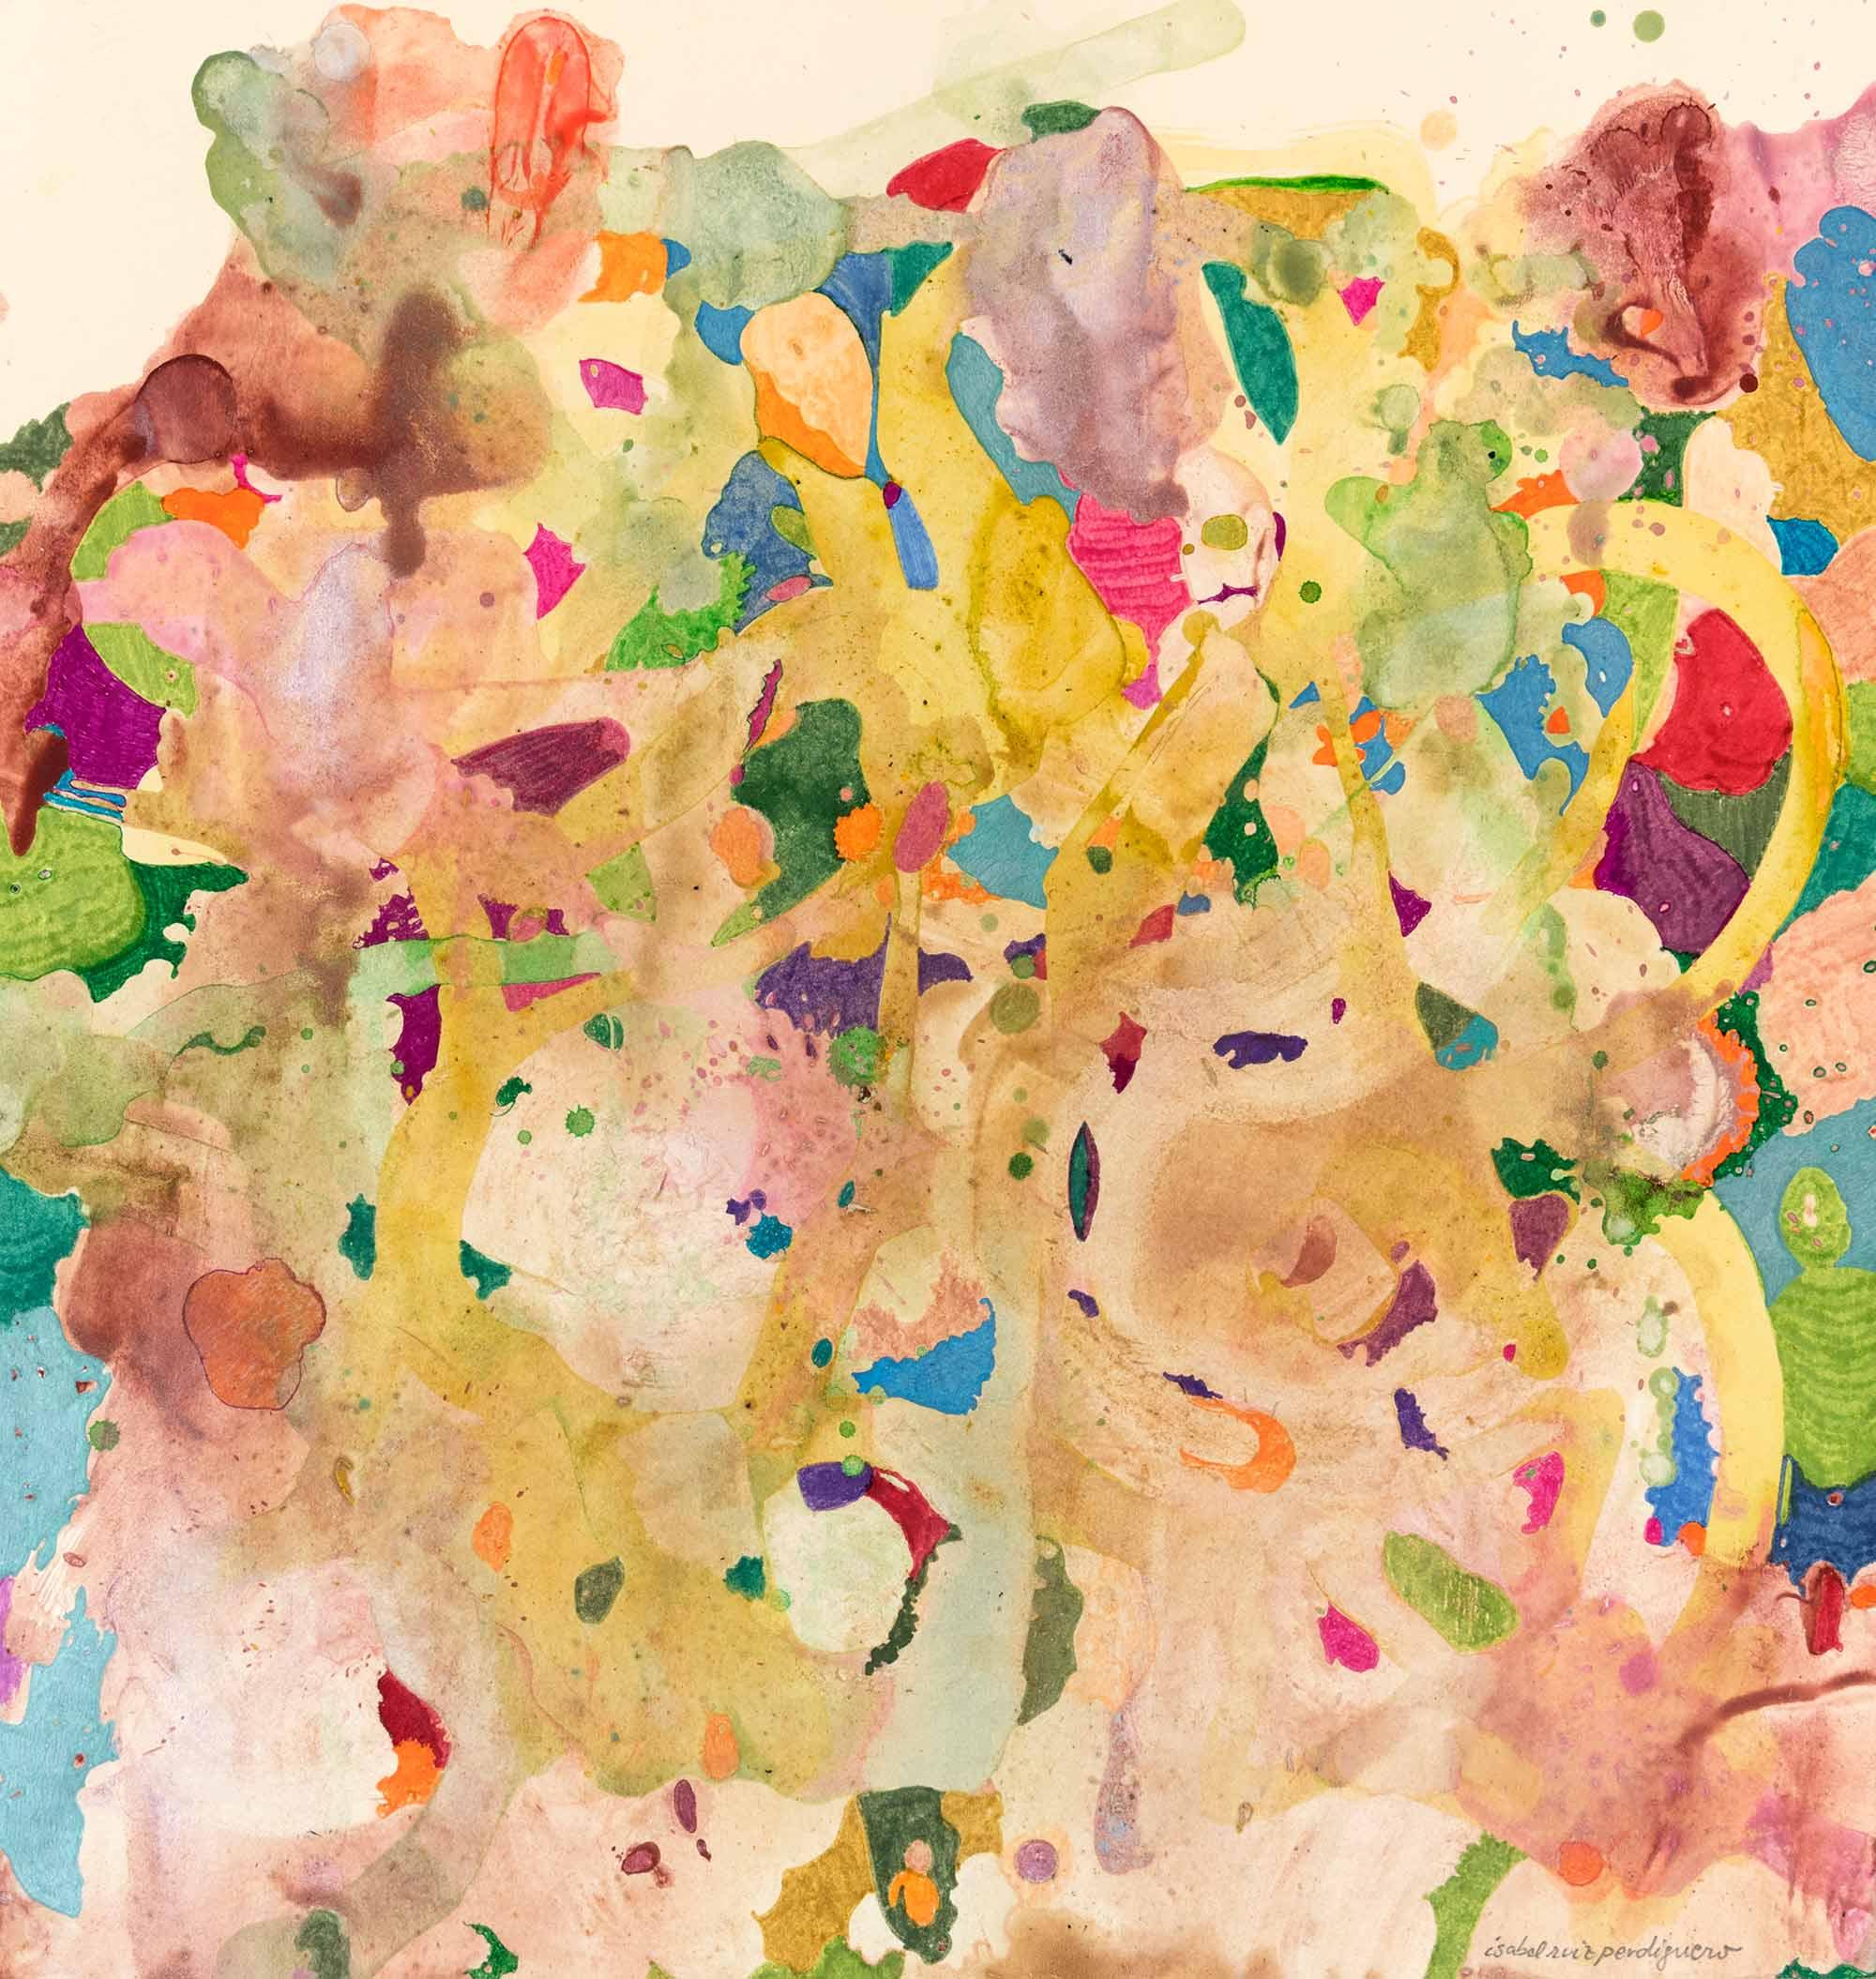 <b>Encuentros</b><br> Técnica mixta sobre cartulina<br> 44 x 42 cm